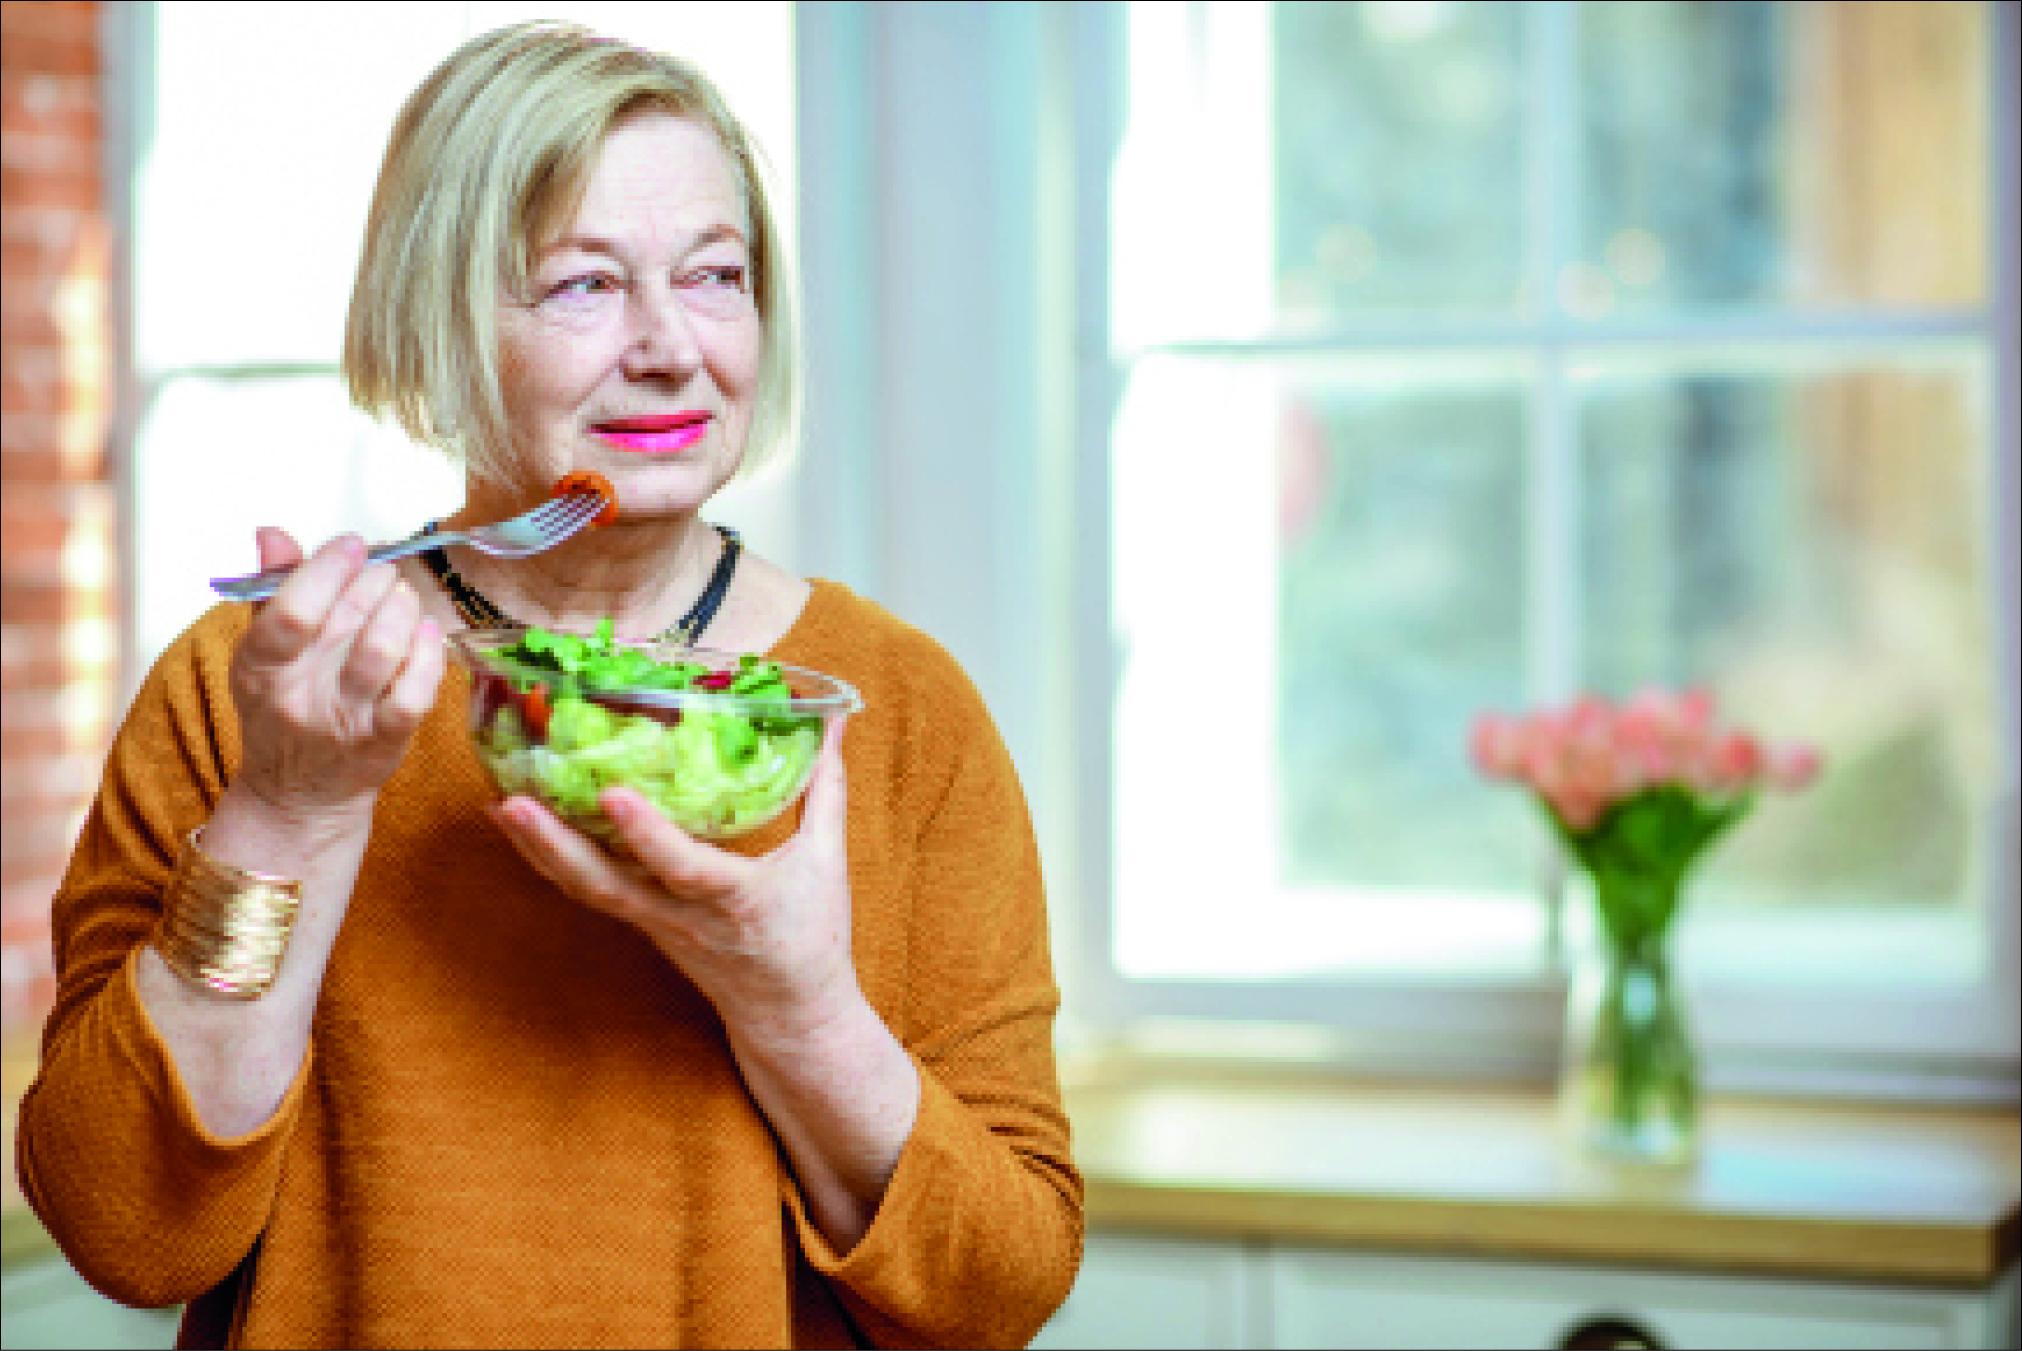 Obst und Gemüse gehören zu einer gesunden Ernährung und unterstützen das Immunsystem, damit Infekte besser abgewehrt werden können. (txn-Foto: O. Kachmar/123rf/Trinknahrung.pro)